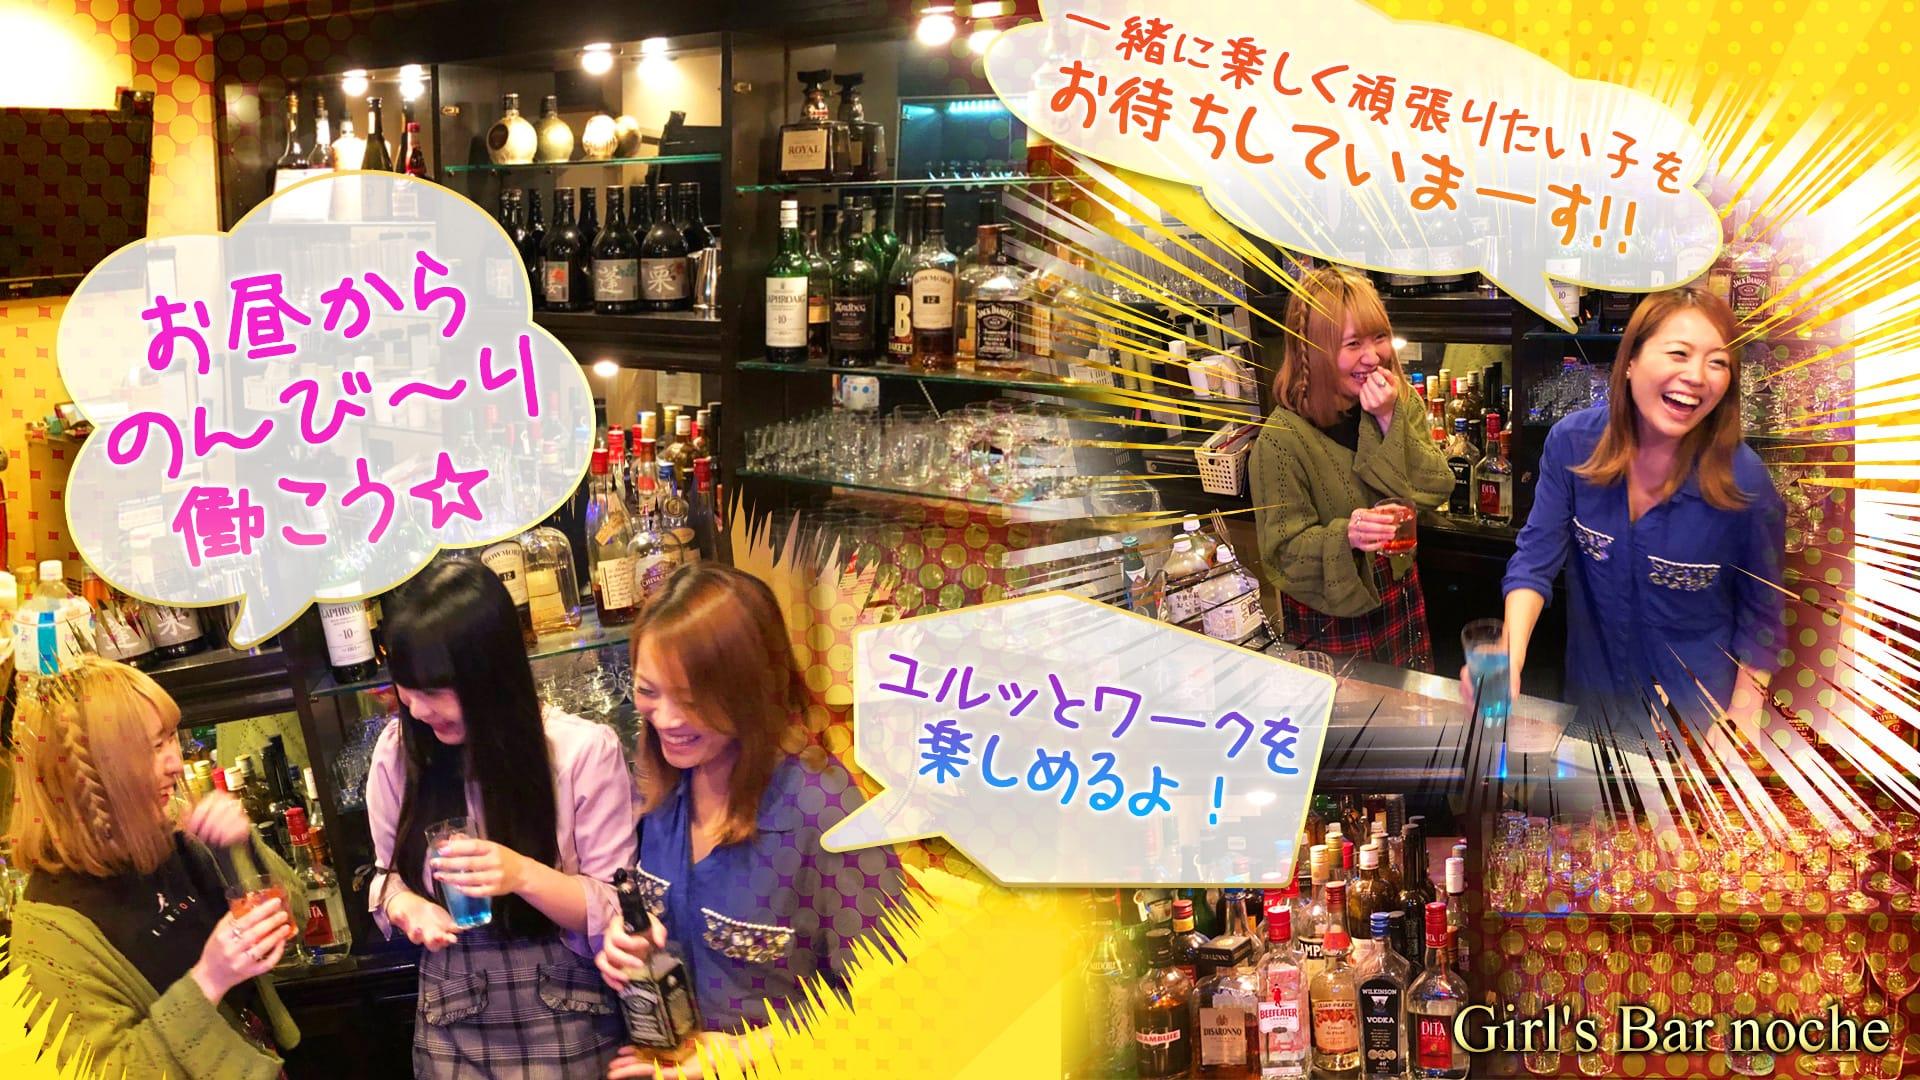 Bar noche<ノーチェ> 池袋 ガールズバー TOP画像